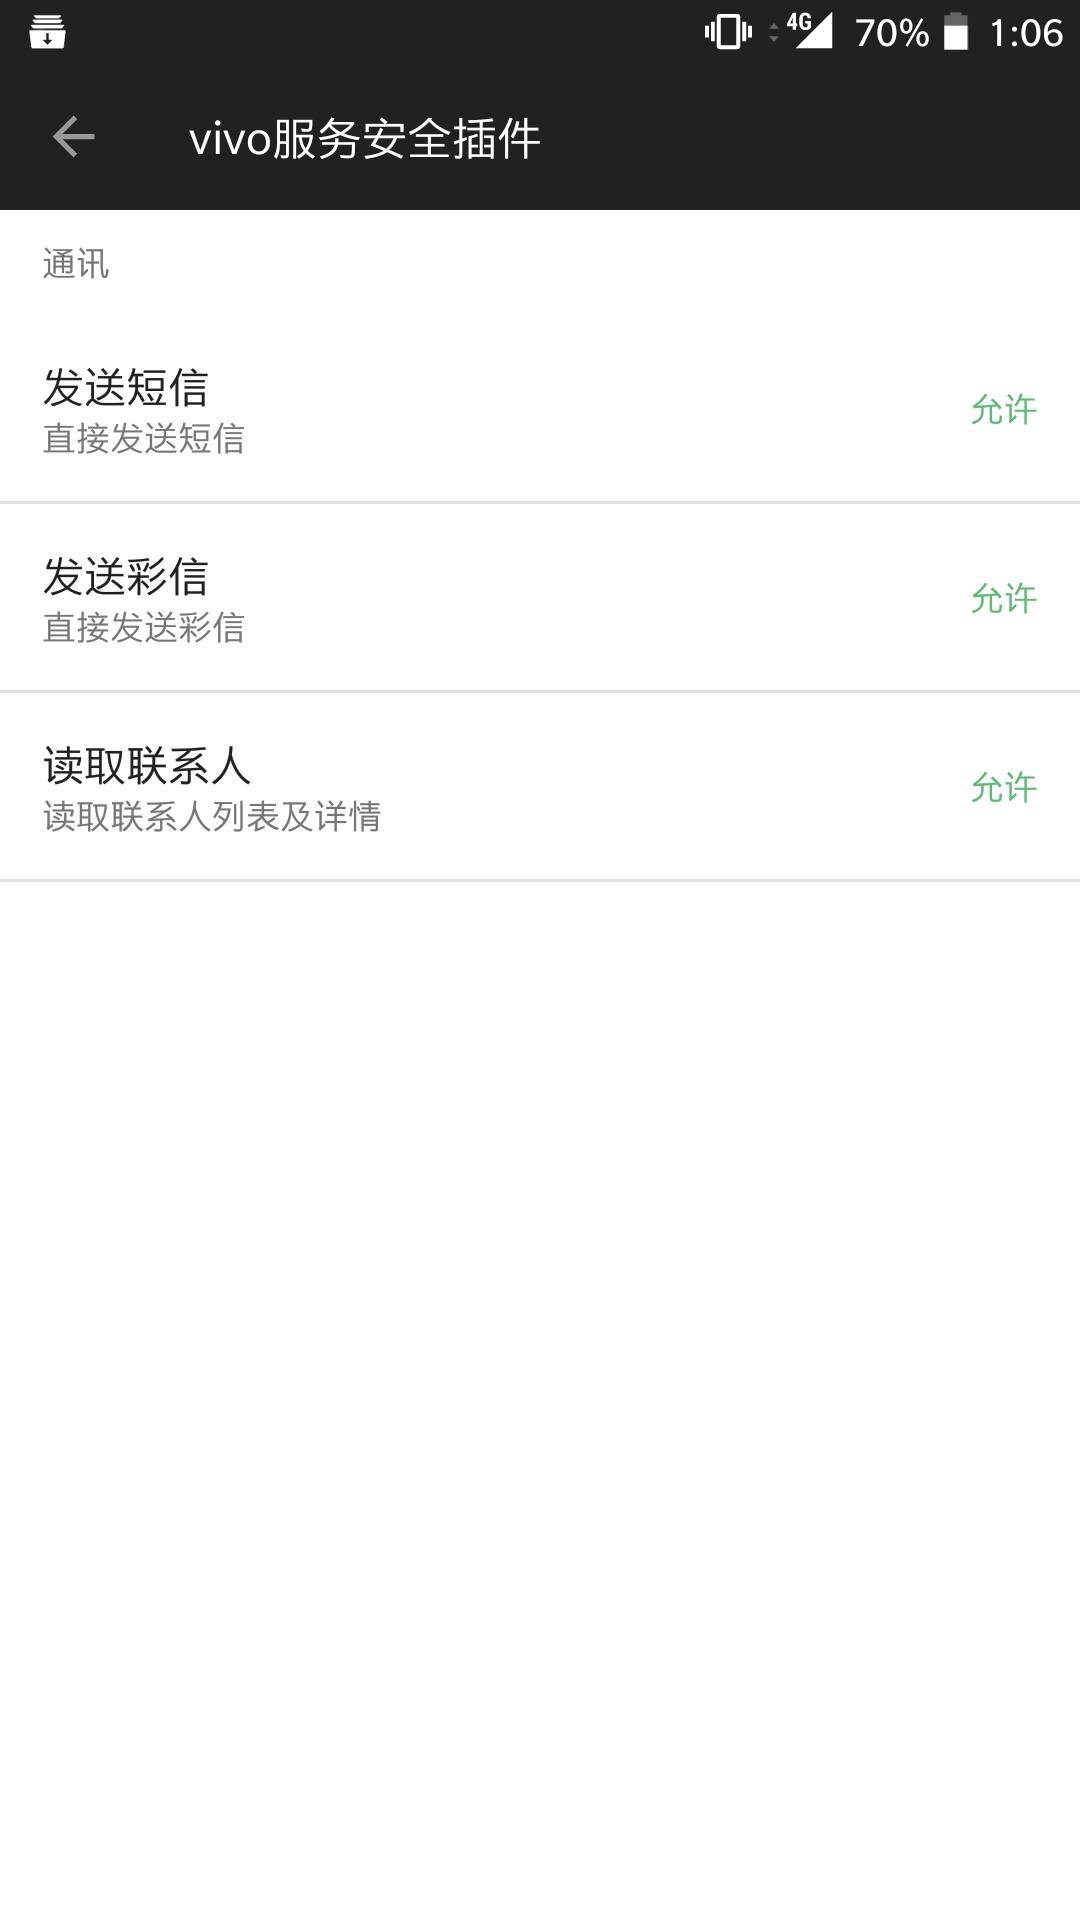 Screenshot_20171226-010643.jpg